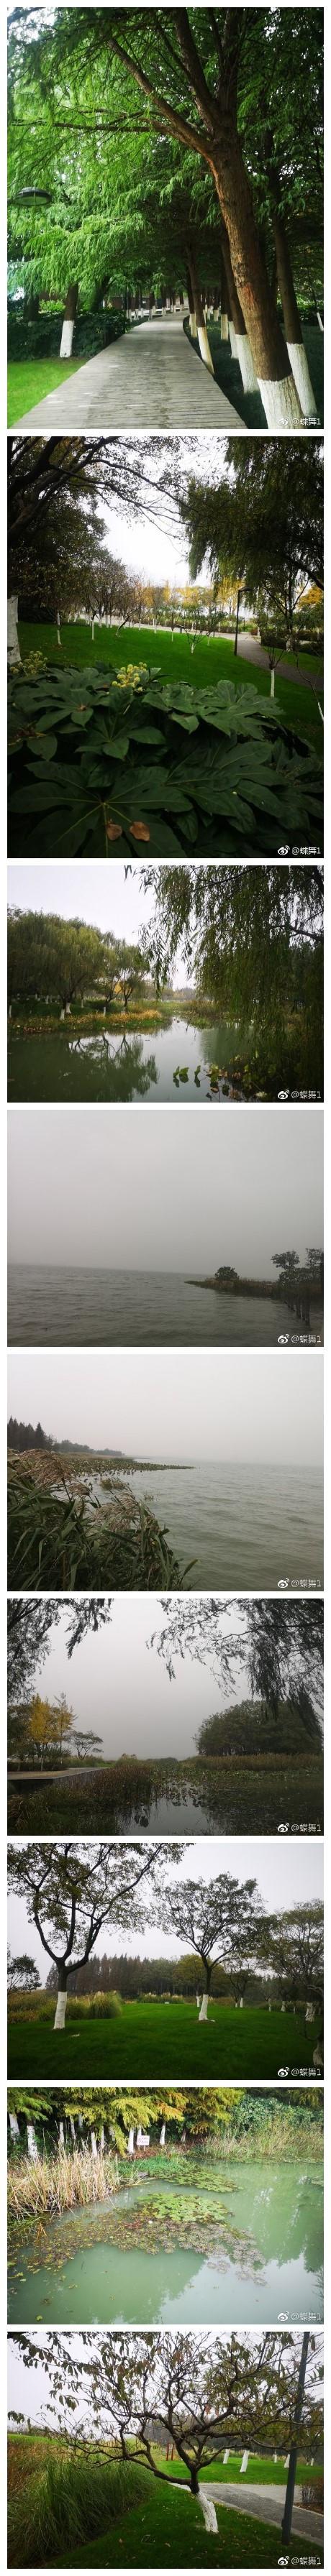 这不是梅陇镇,是下午的阳澄湖 2上海 · 梅陇镇